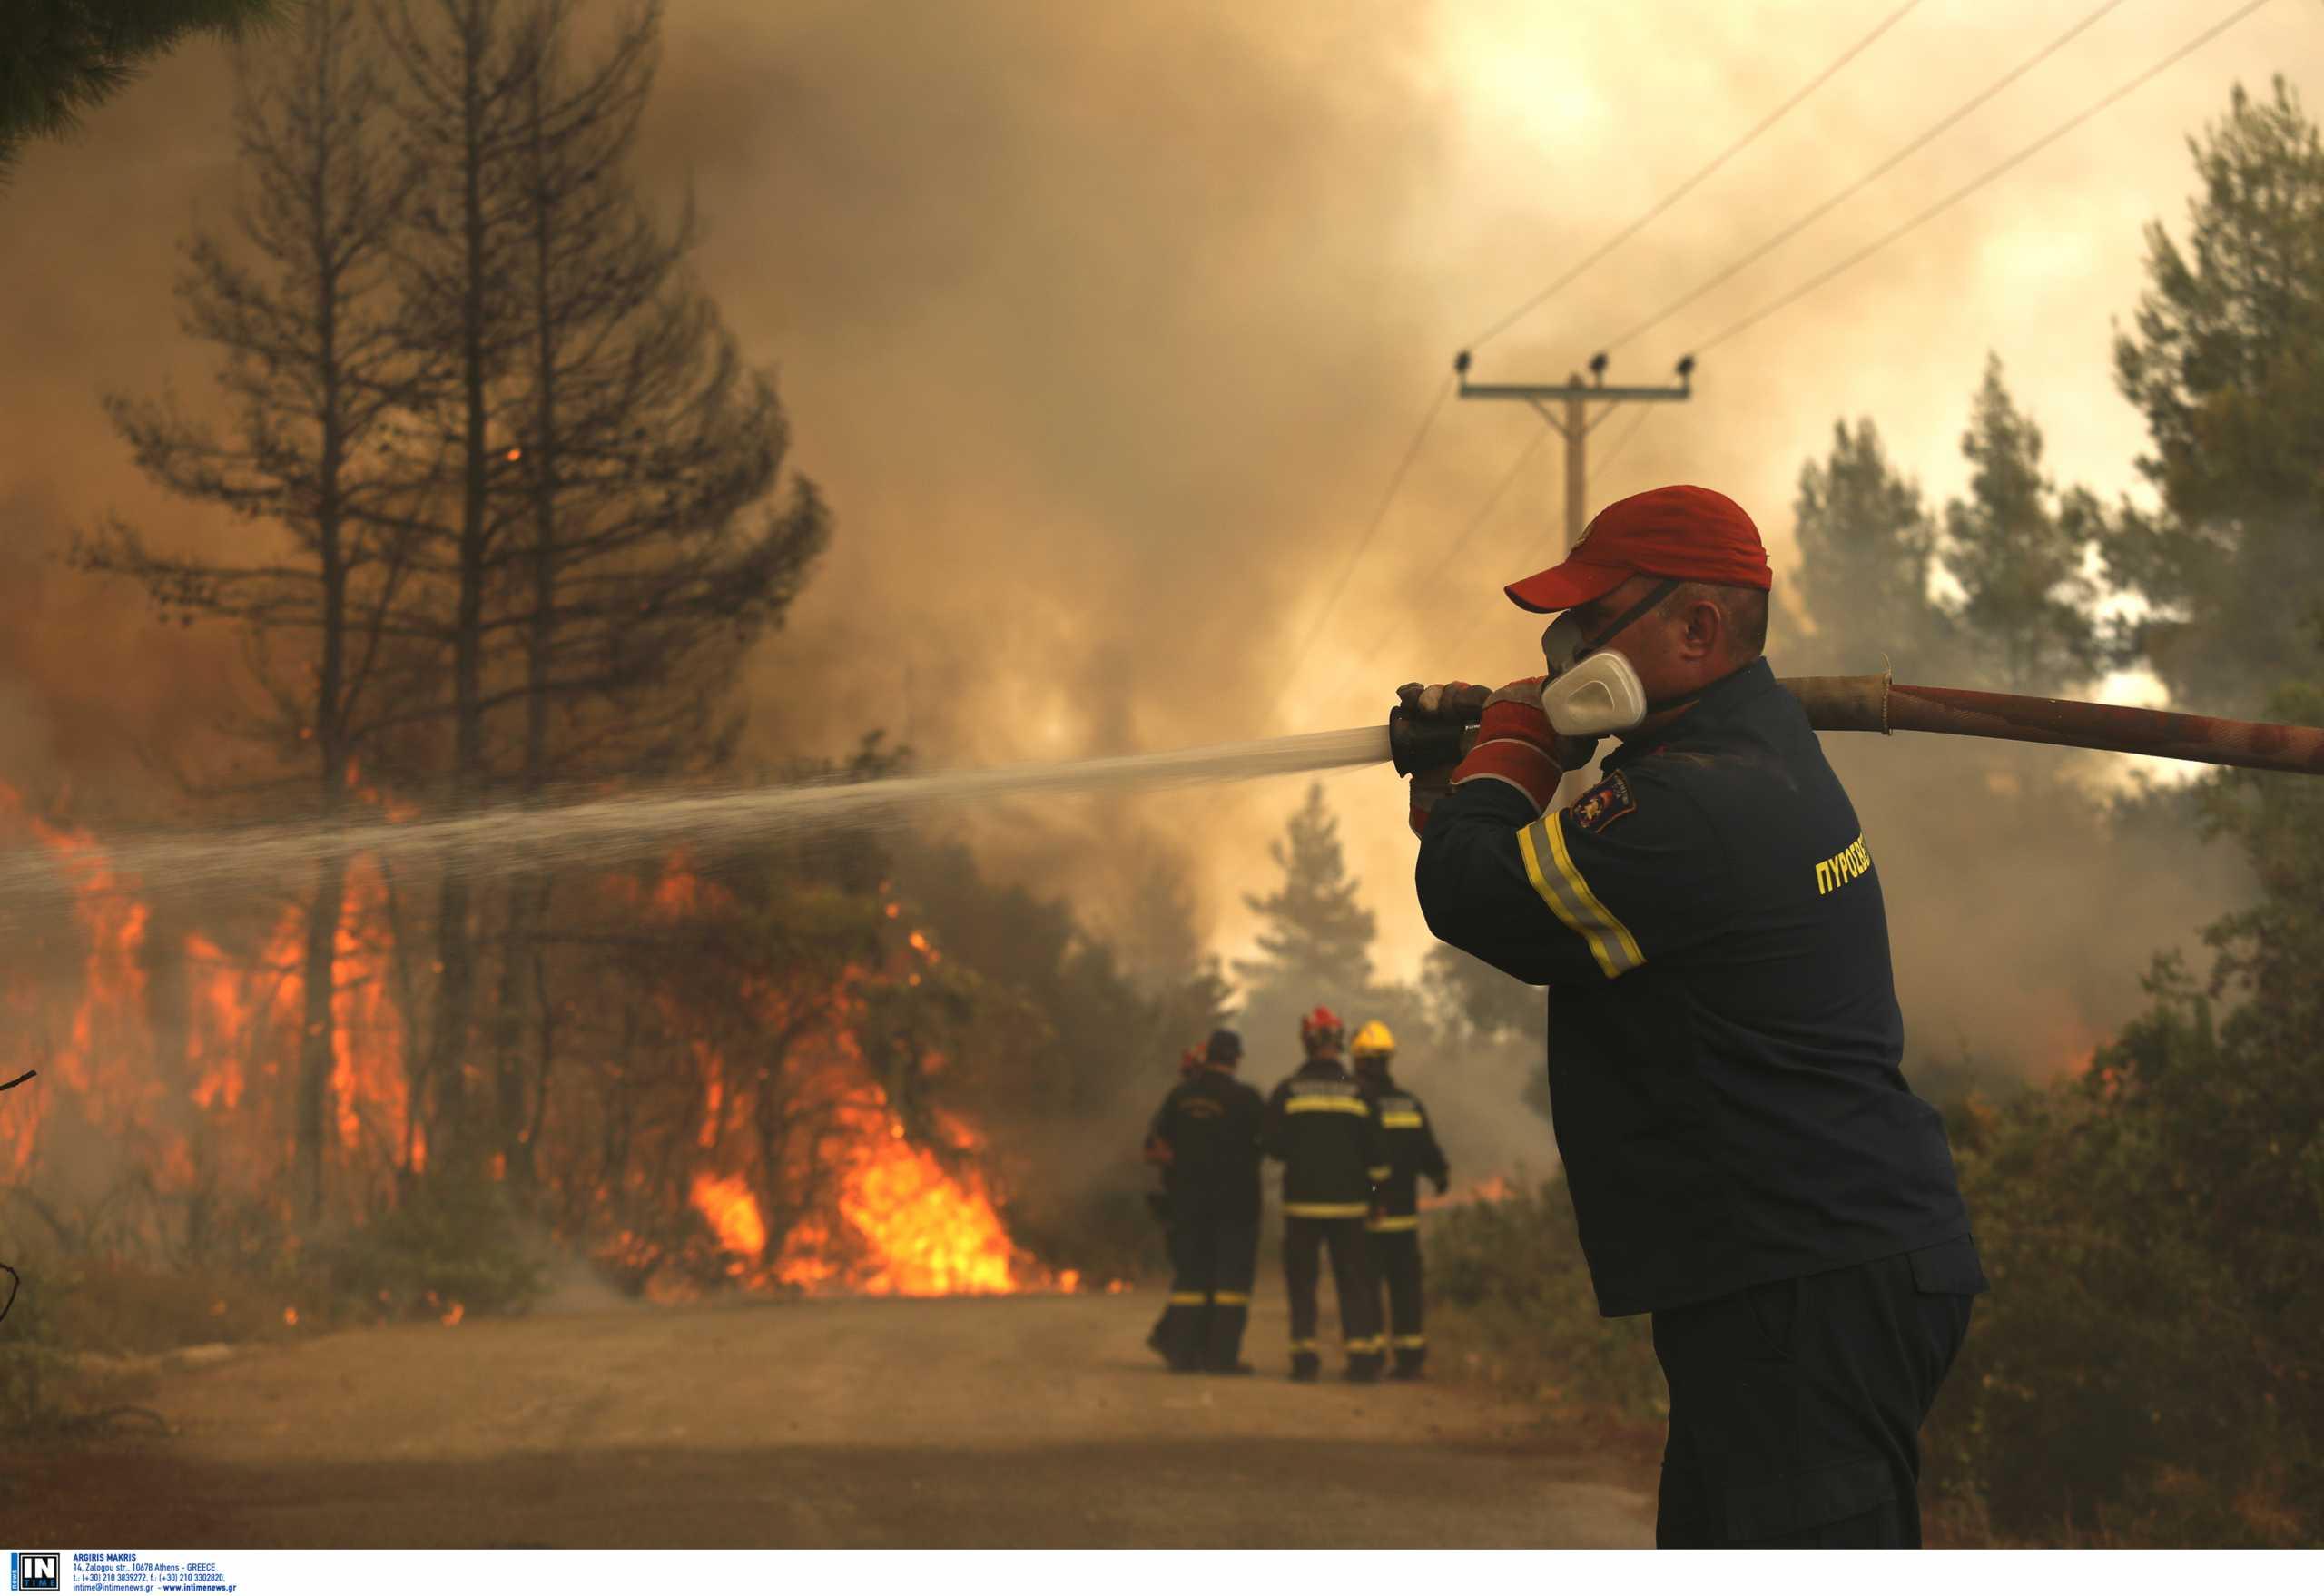 Ακόμα μια δύσκολη νύχτα για τη Βόρεια Εύβοια που μετράει αναζωπυρώσεις και νέα μέτωπα φωτιάς